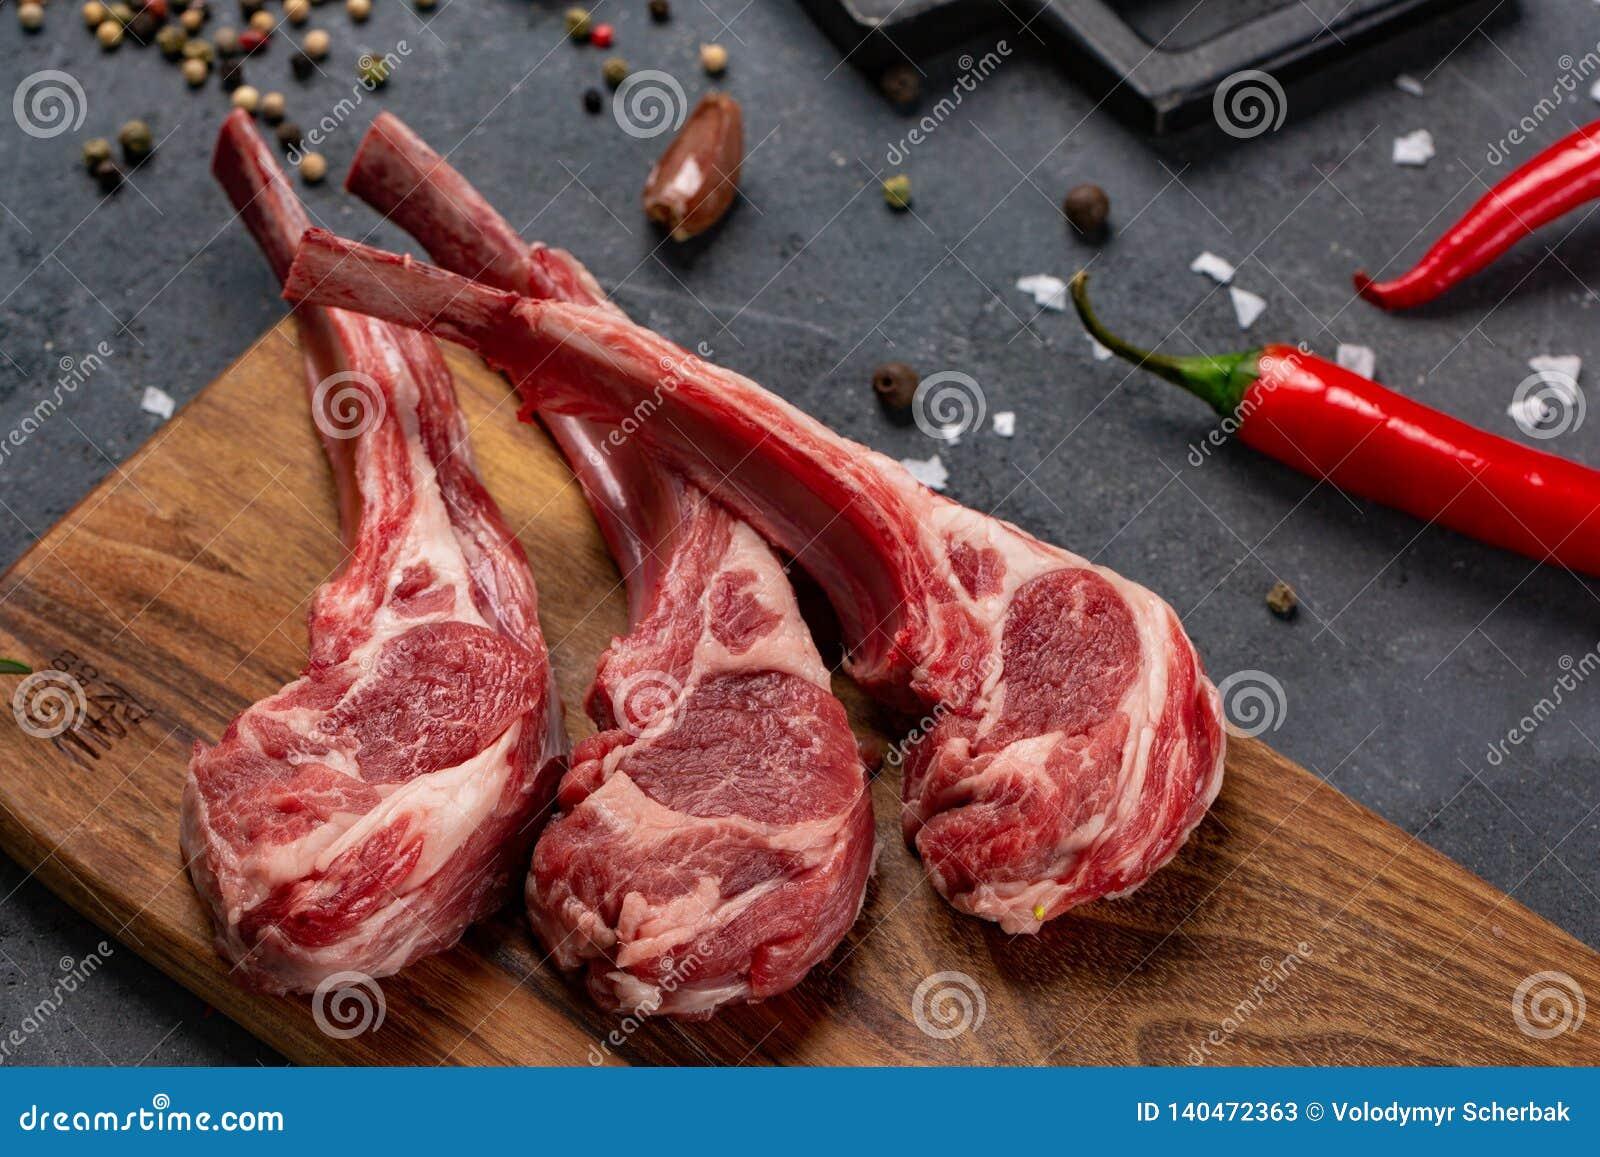 Carne cruda en el hueso con los chiles y las especias, fondo negro para cocinar con el espacio de la copia, visión superior